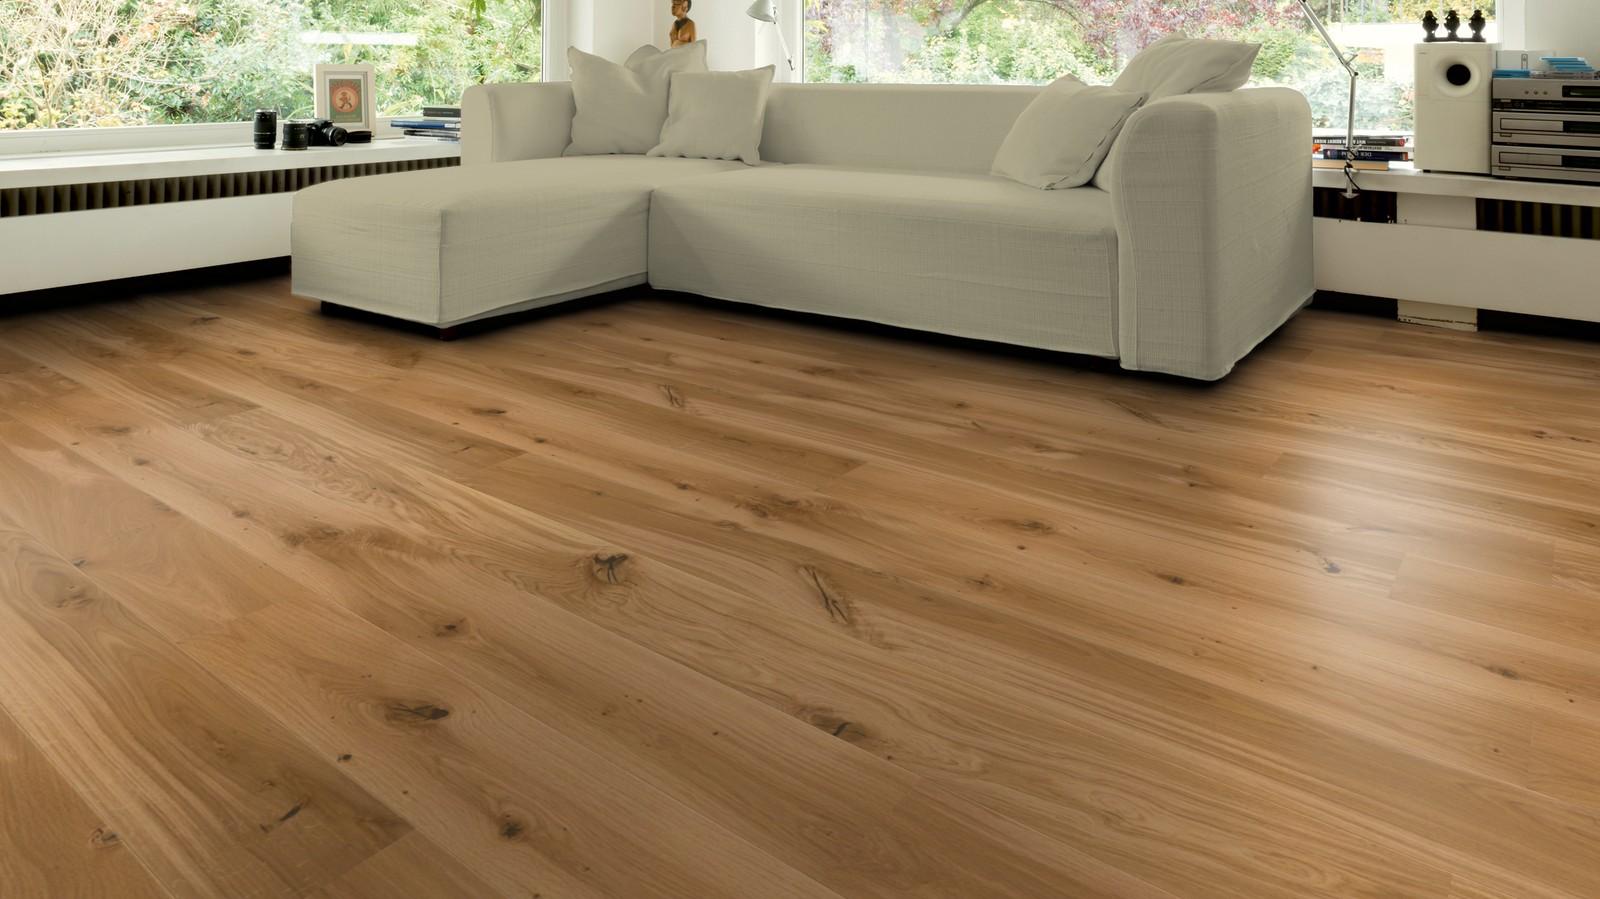 tilo landhausdiele eiche impuls natur ge lt parkett online shop timbertown. Black Bedroom Furniture Sets. Home Design Ideas